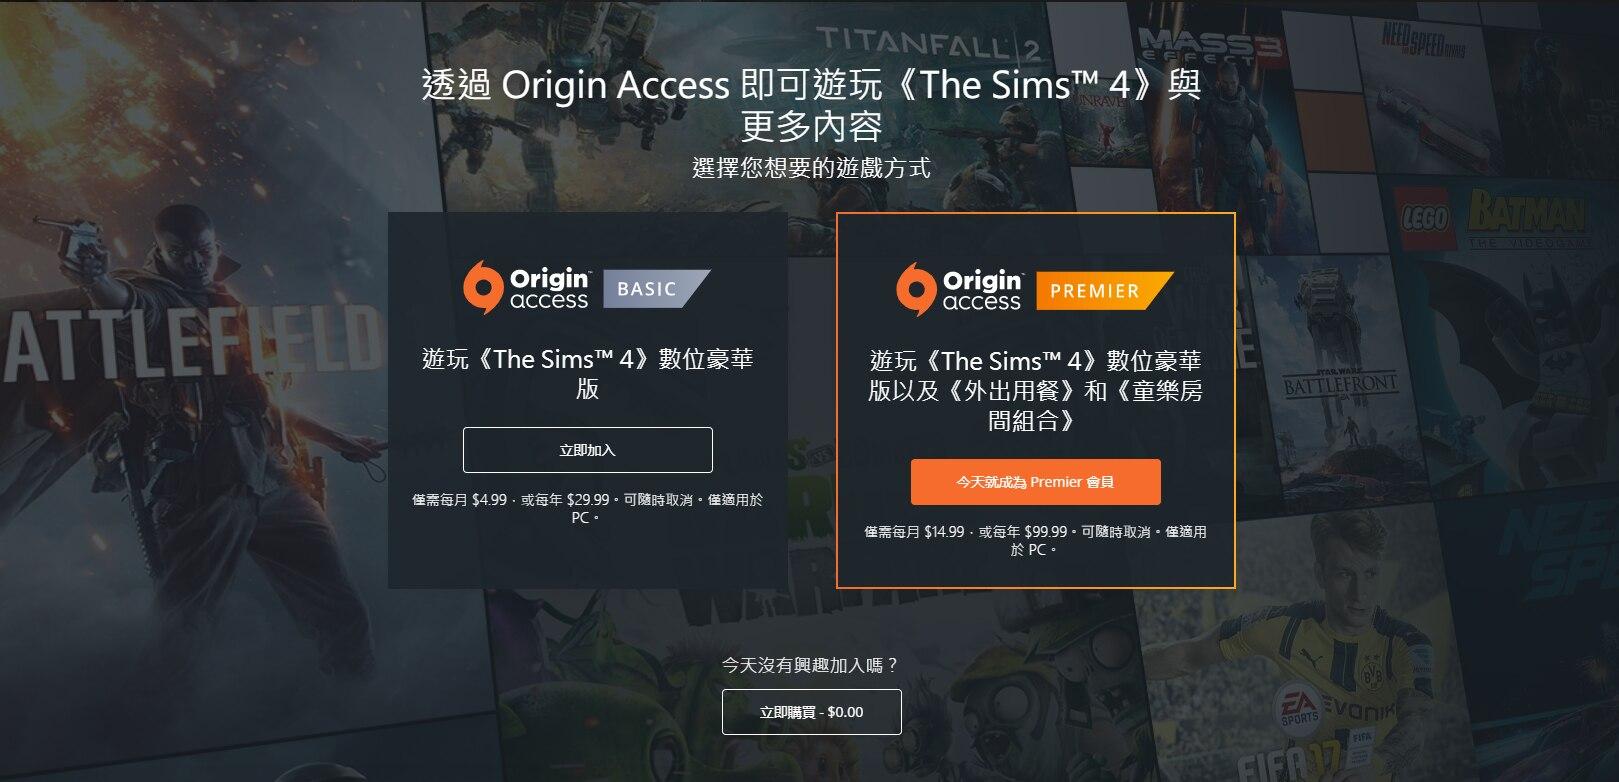 Origin 免费喜加一免费领取《模拟人生4》游戏DLC+假日庆祝包